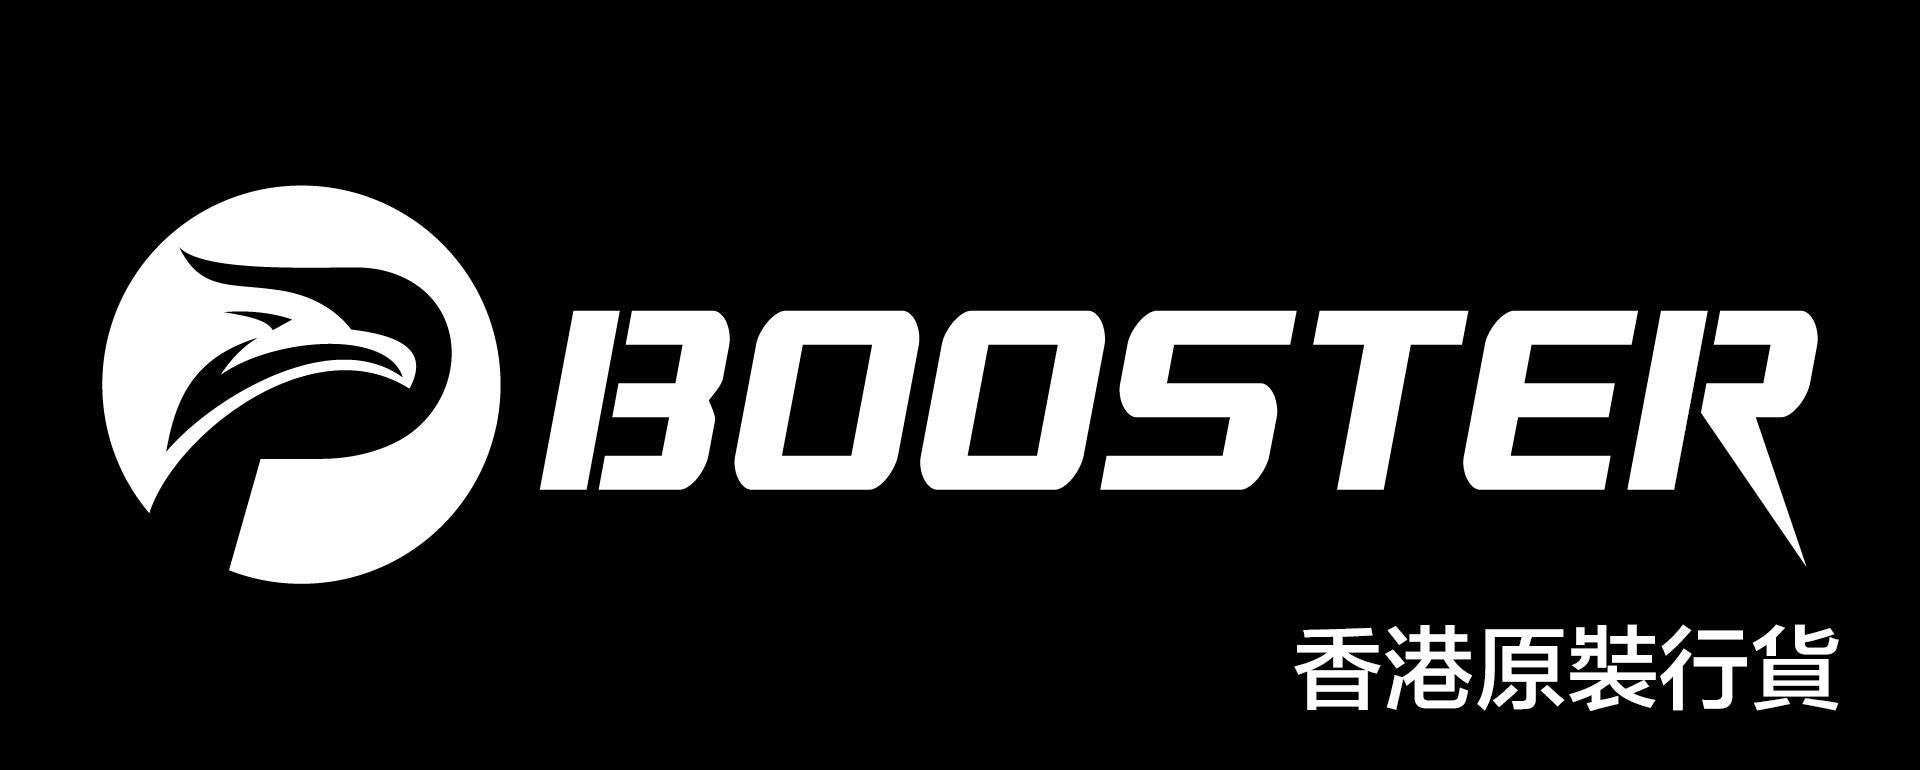 BOOSTER 香港原裝行貨代理